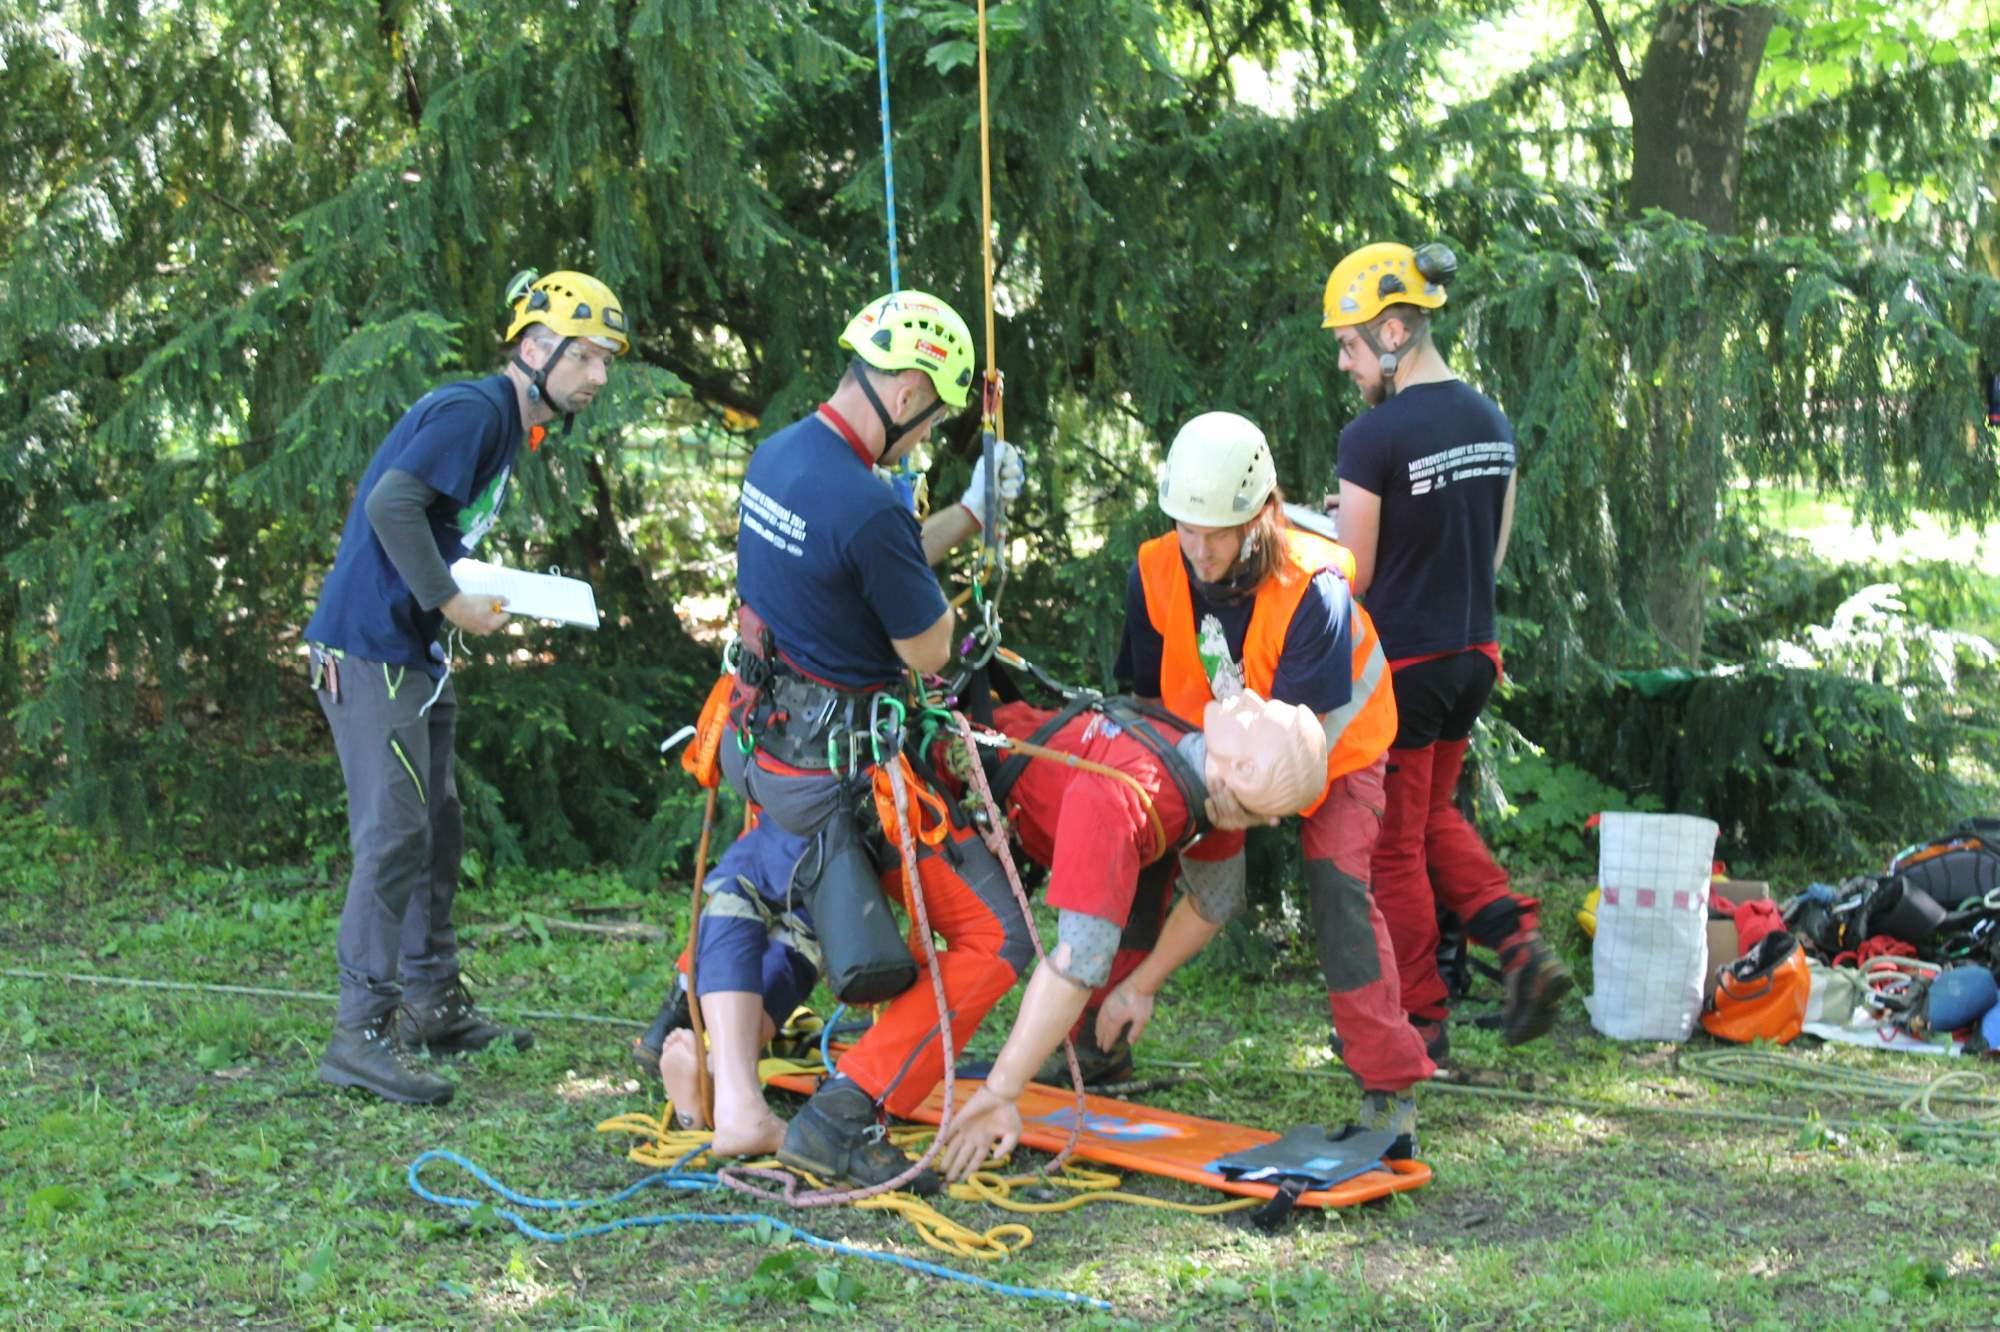 Nejatraktivnější disciplína byla záchrana zraněného. Foto: Jan Vostal